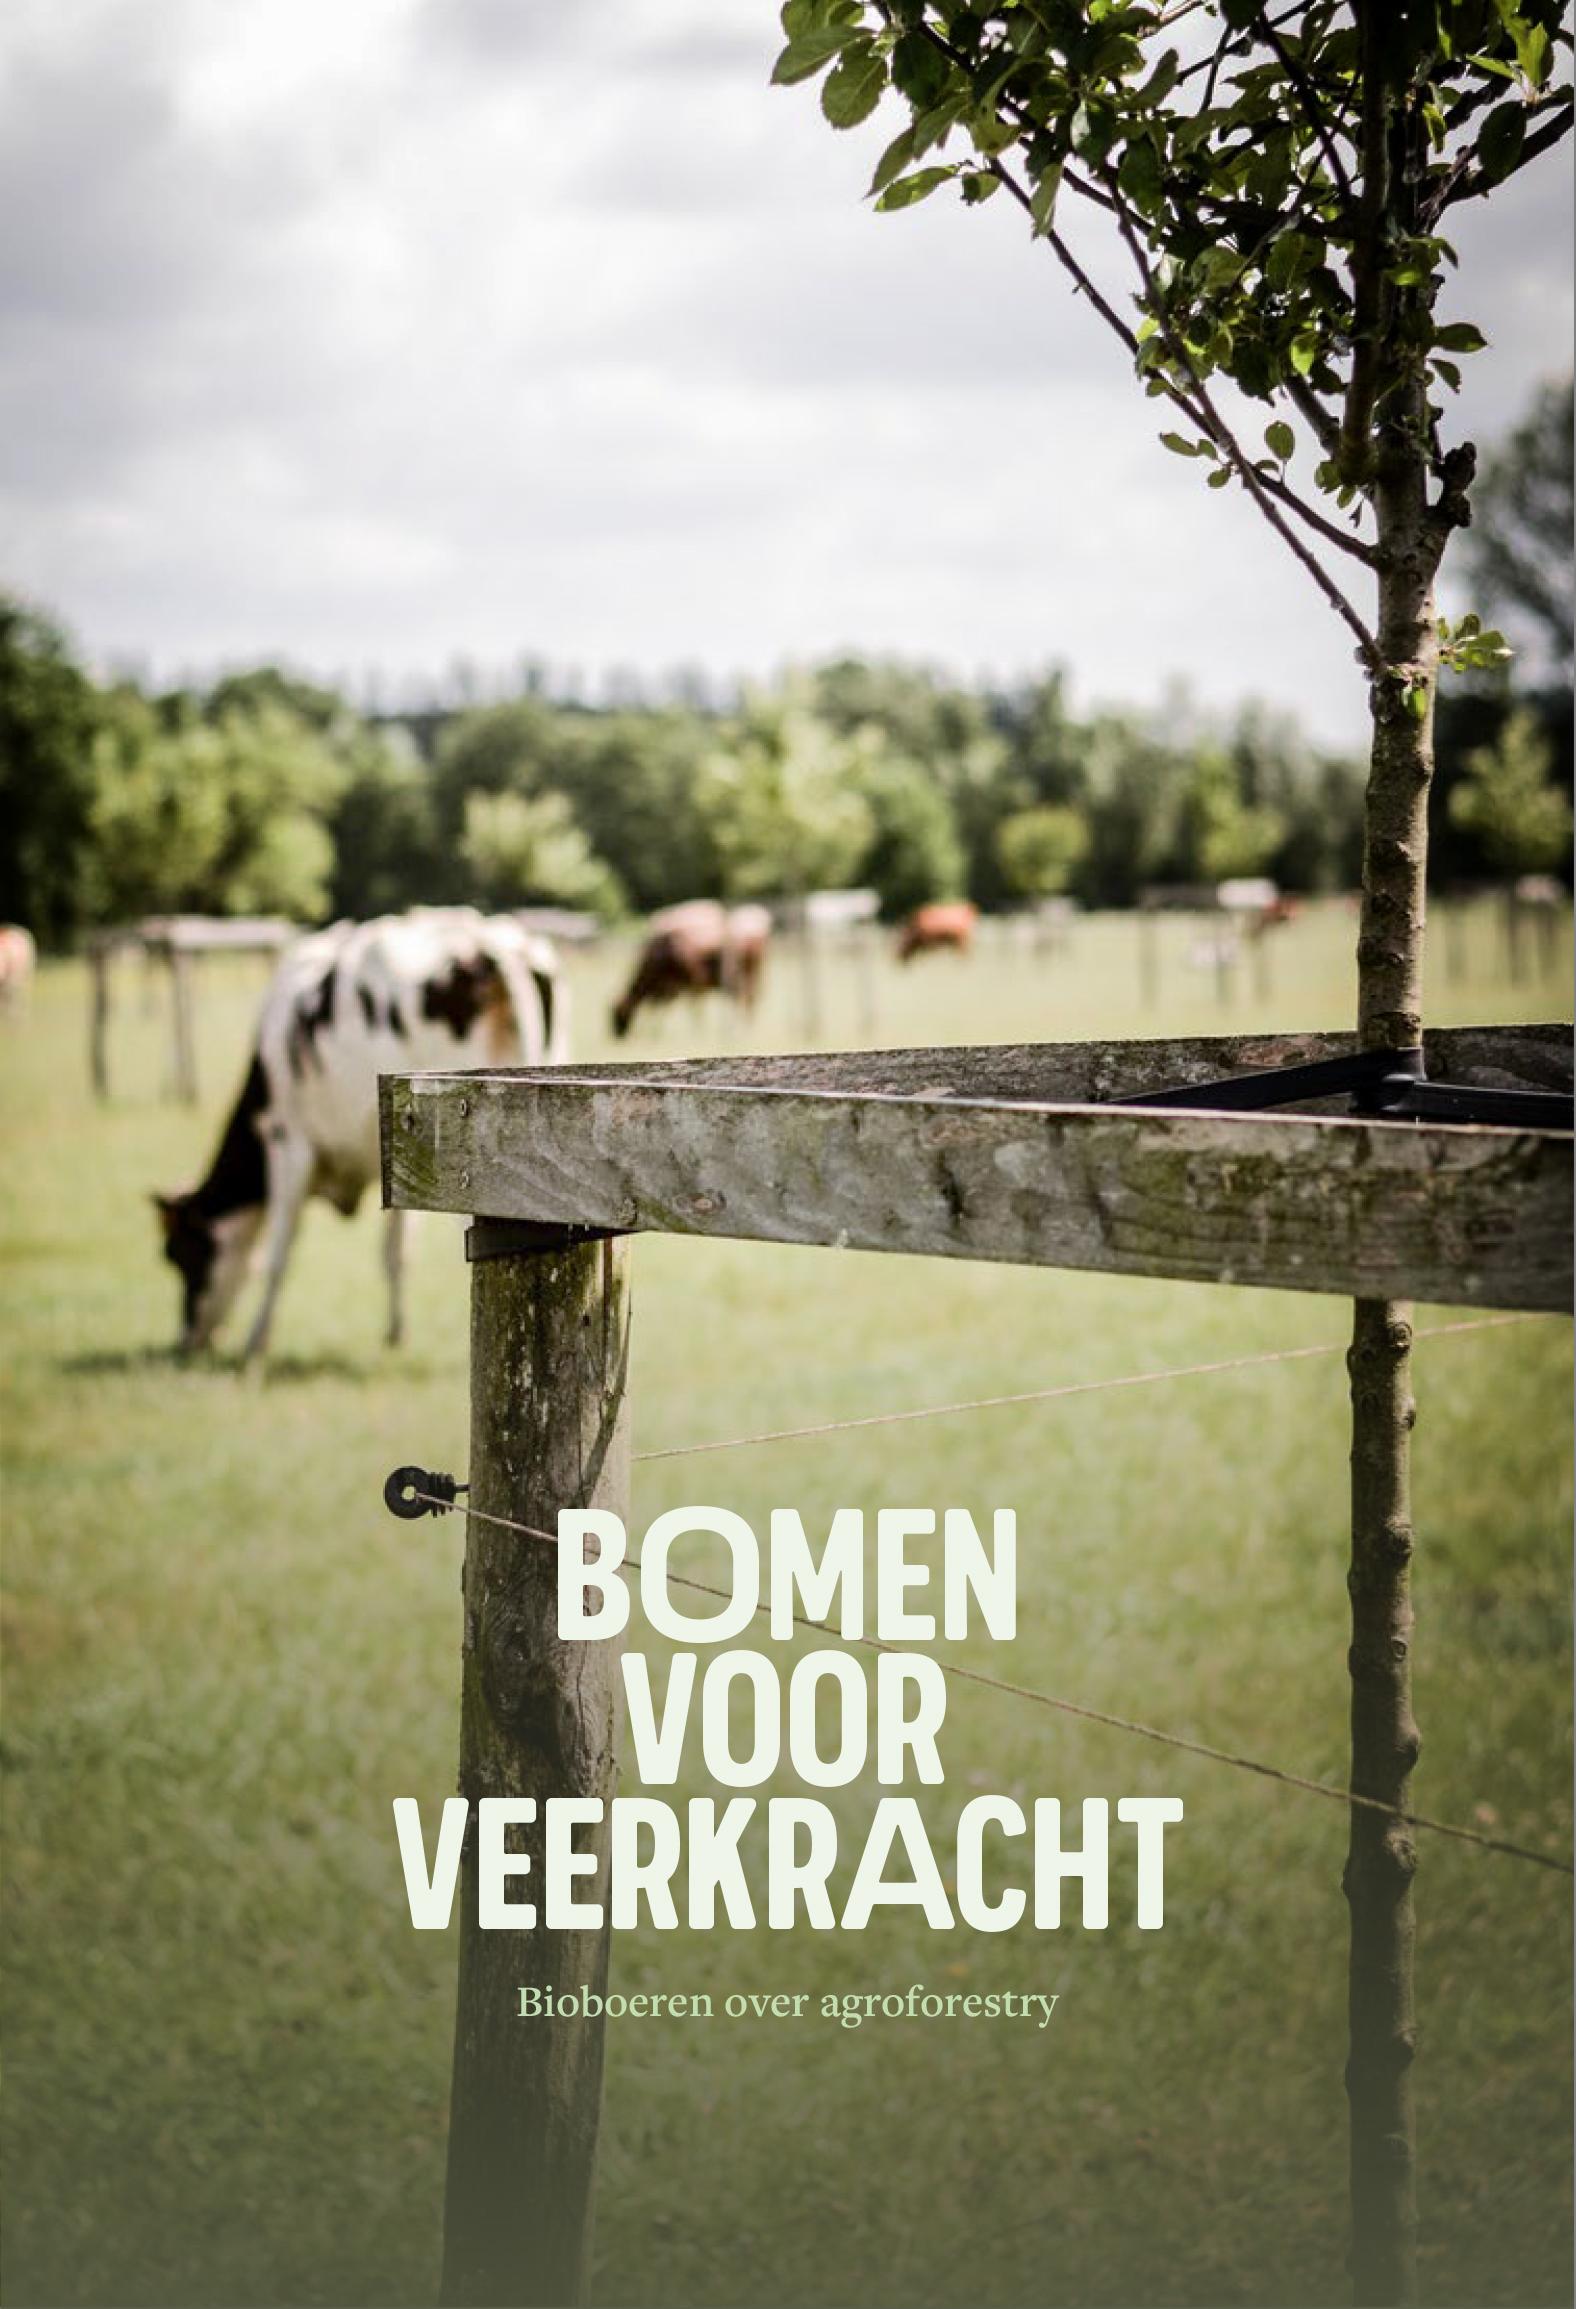 Bomen-voor-veerkracht-Bioboeren-over-Agroforestry_Brochure_Web-1.jpg